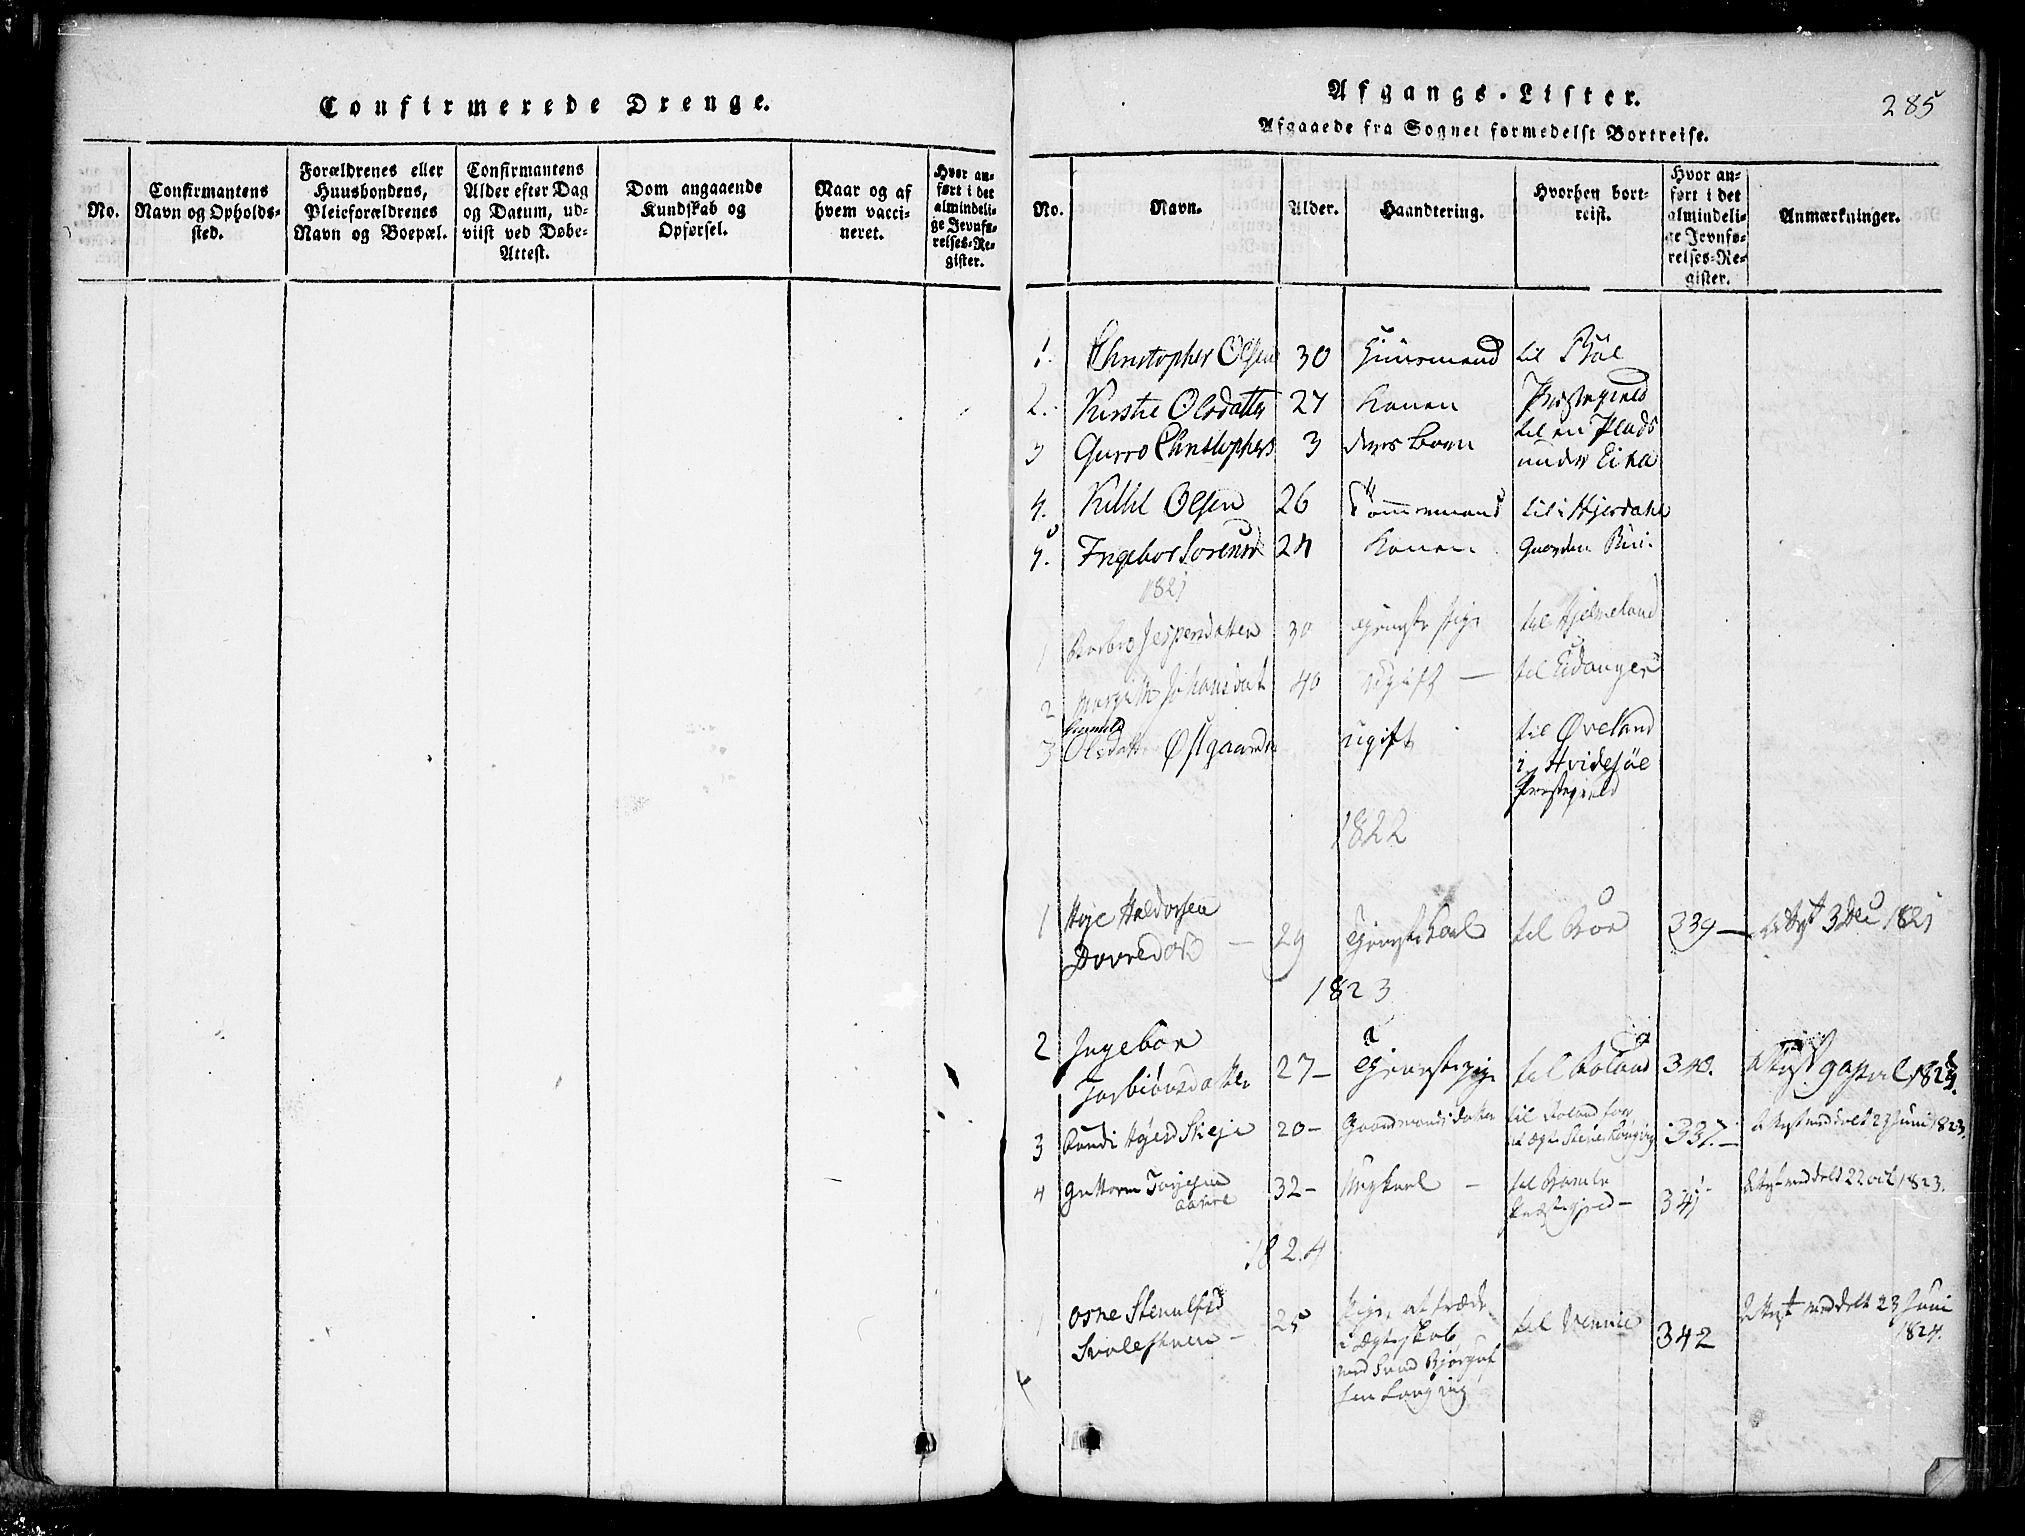 SAKO, Seljord kirkebøker, G/Gb/L0002: Klokkerbok nr. II 2, 1815-1854, s. 285